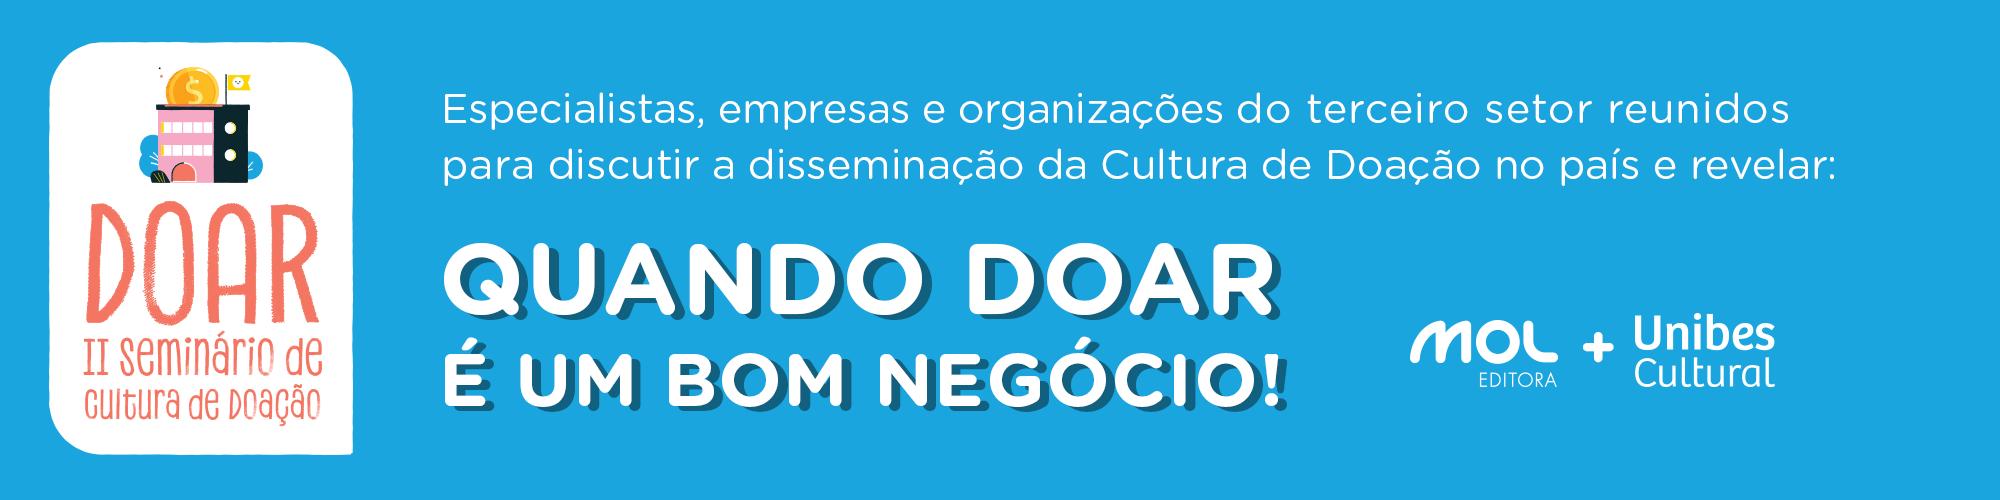 Seminário debate cultura de doação no Brasil